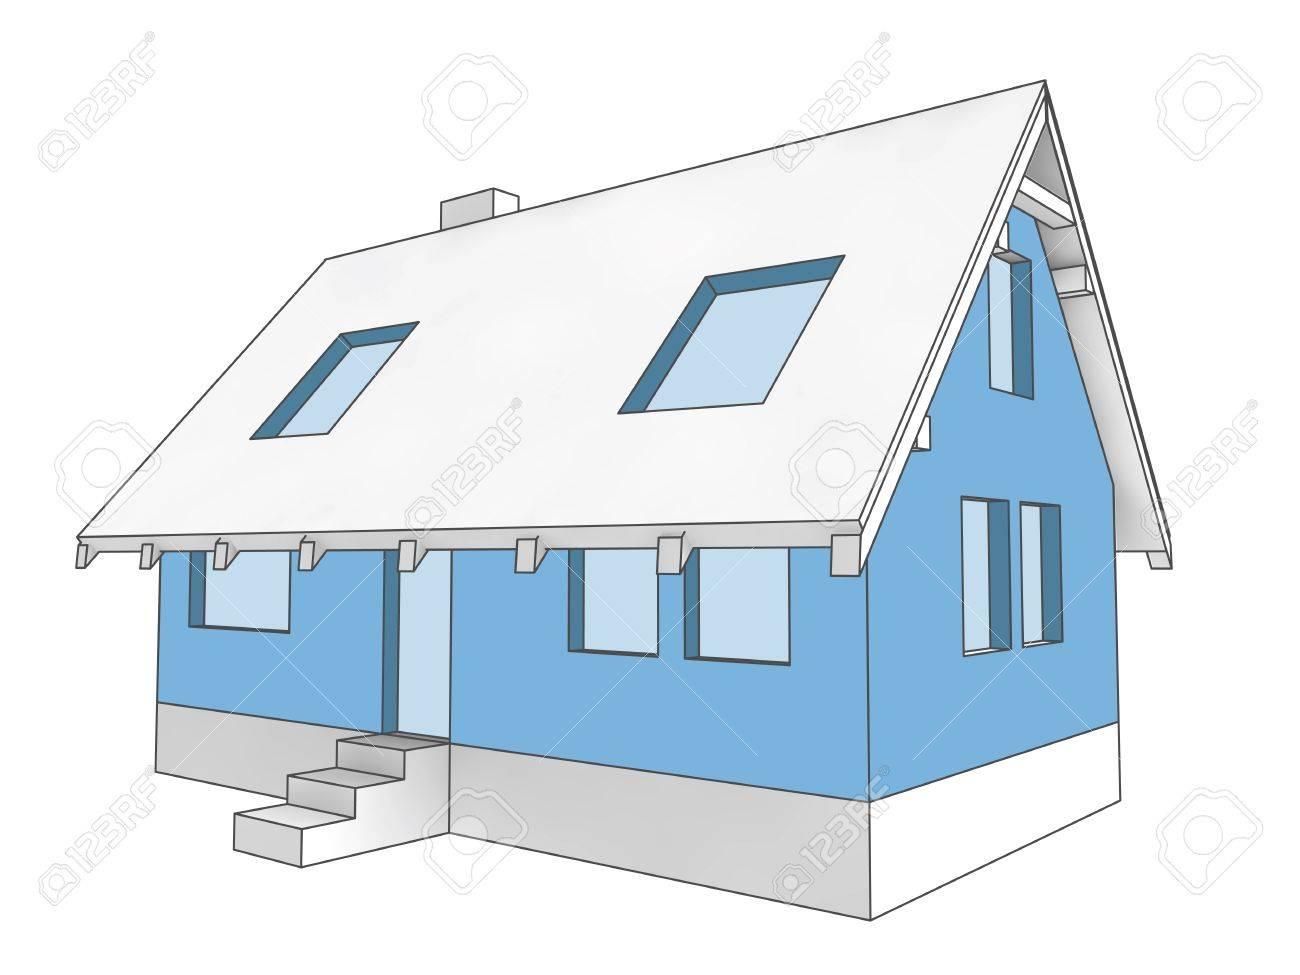 Home Building Diagram - Circuit Connection Diagram •